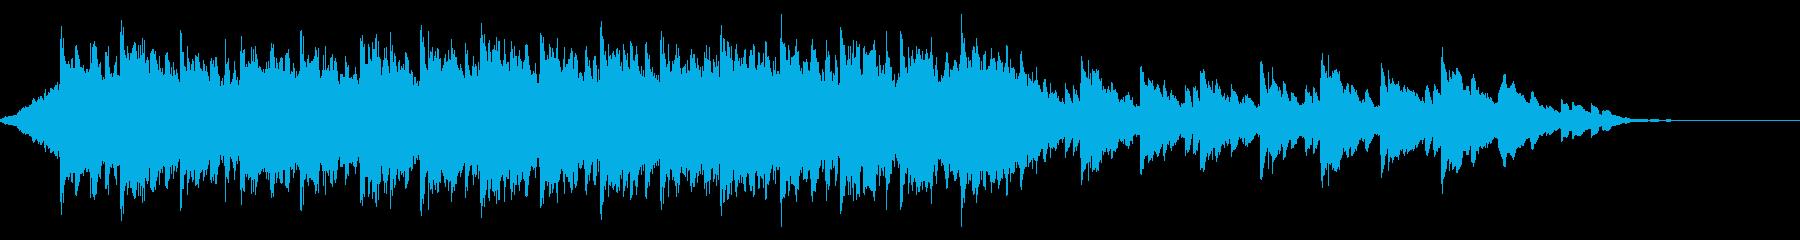 ウェディング<60秒CM>落ち着いた映像の再生済みの波形